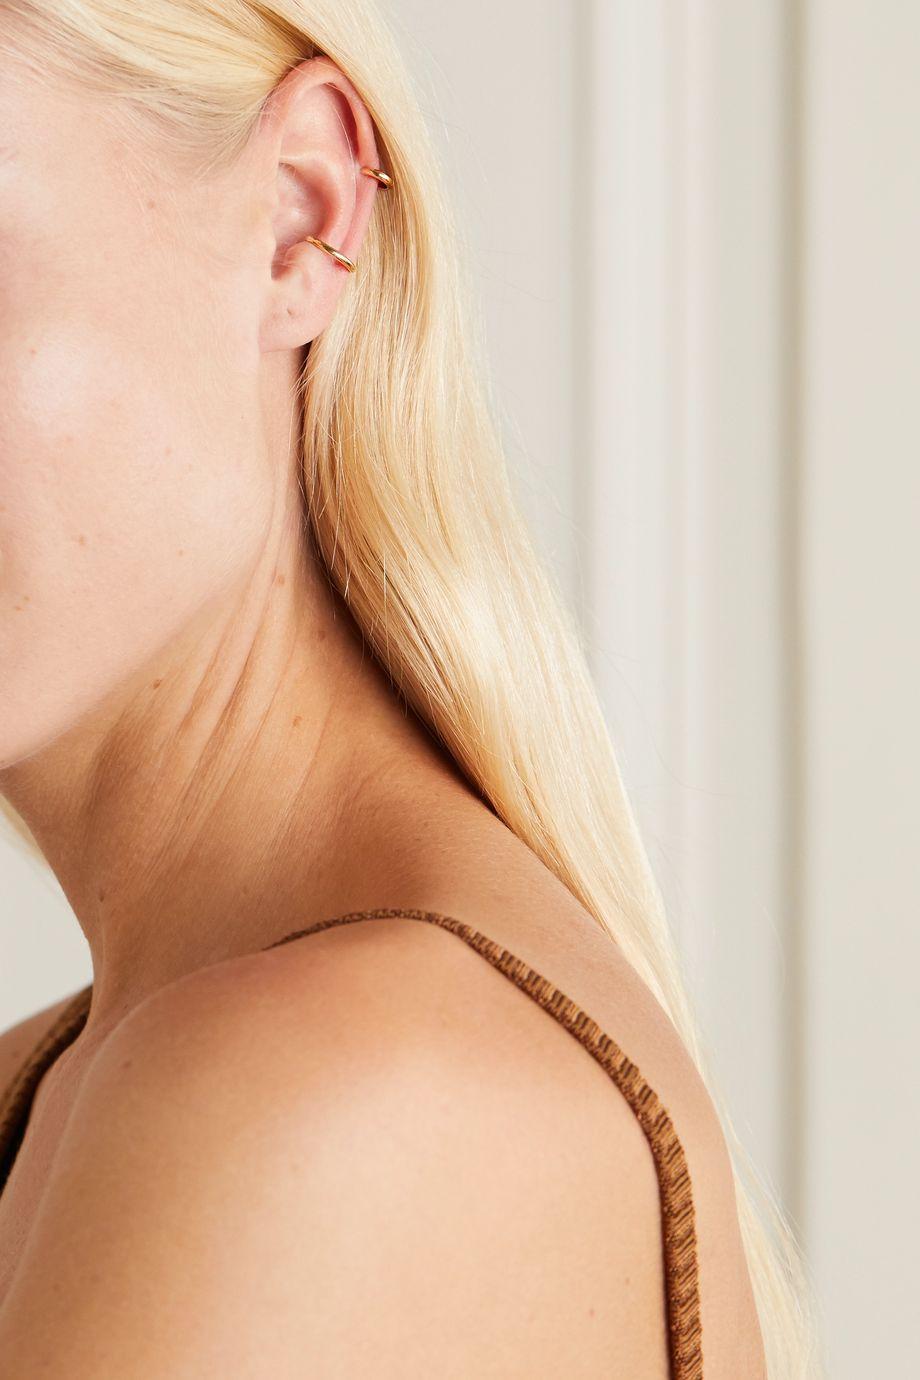 Saskia Diez + NET SUSTAIN Bold Wire gold ear cuff